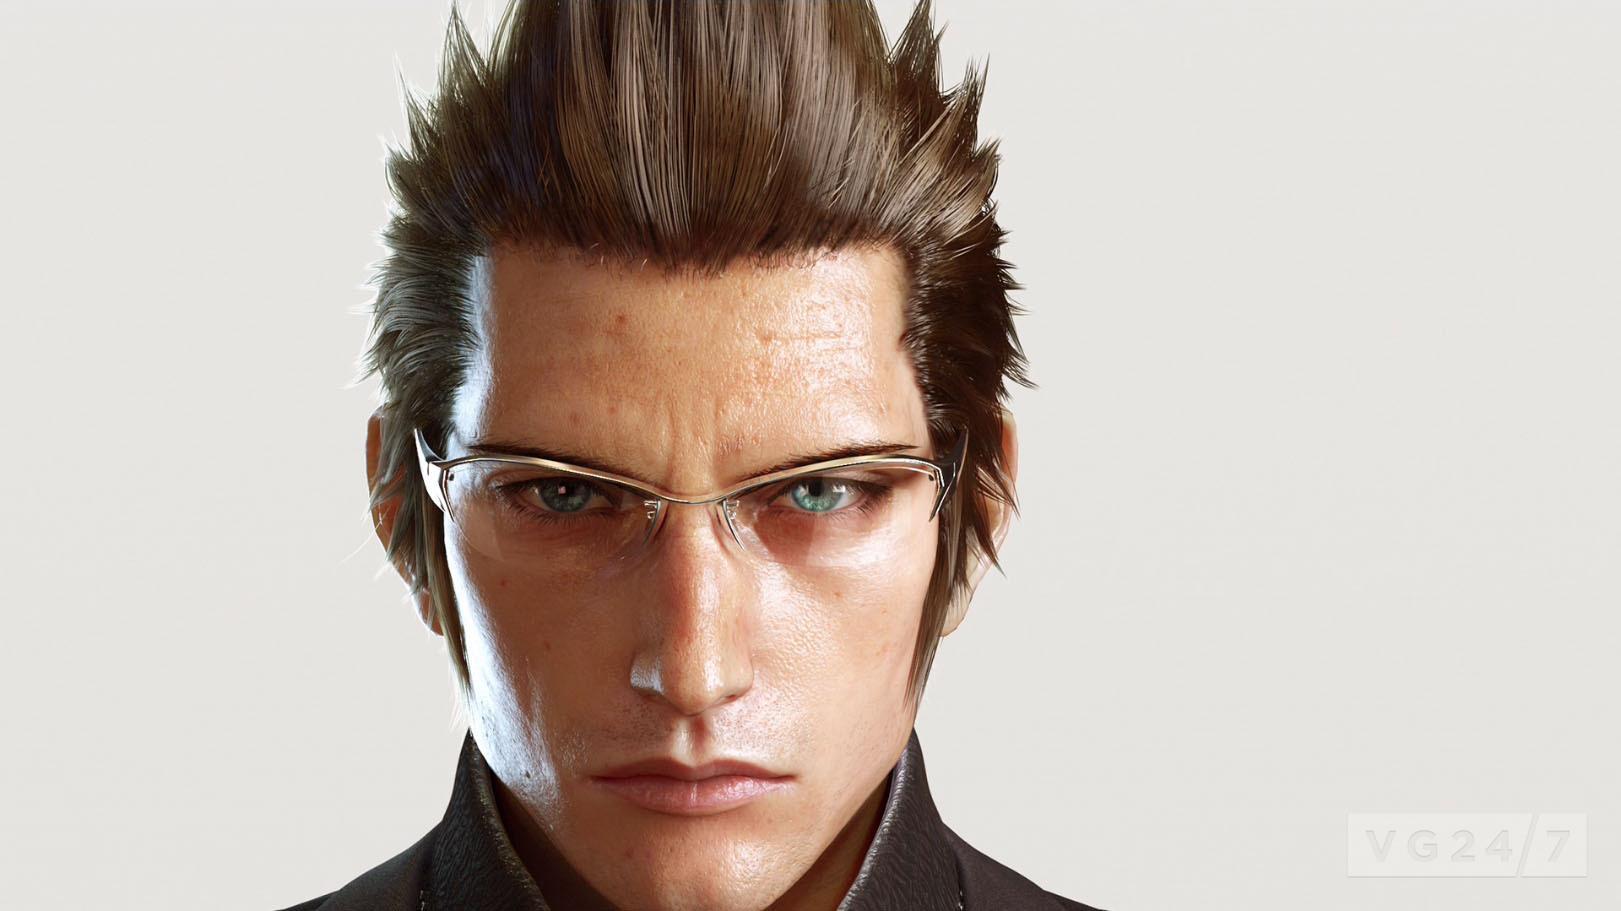 Rivelati i primi dettagli della demo di Final Fantasy XV